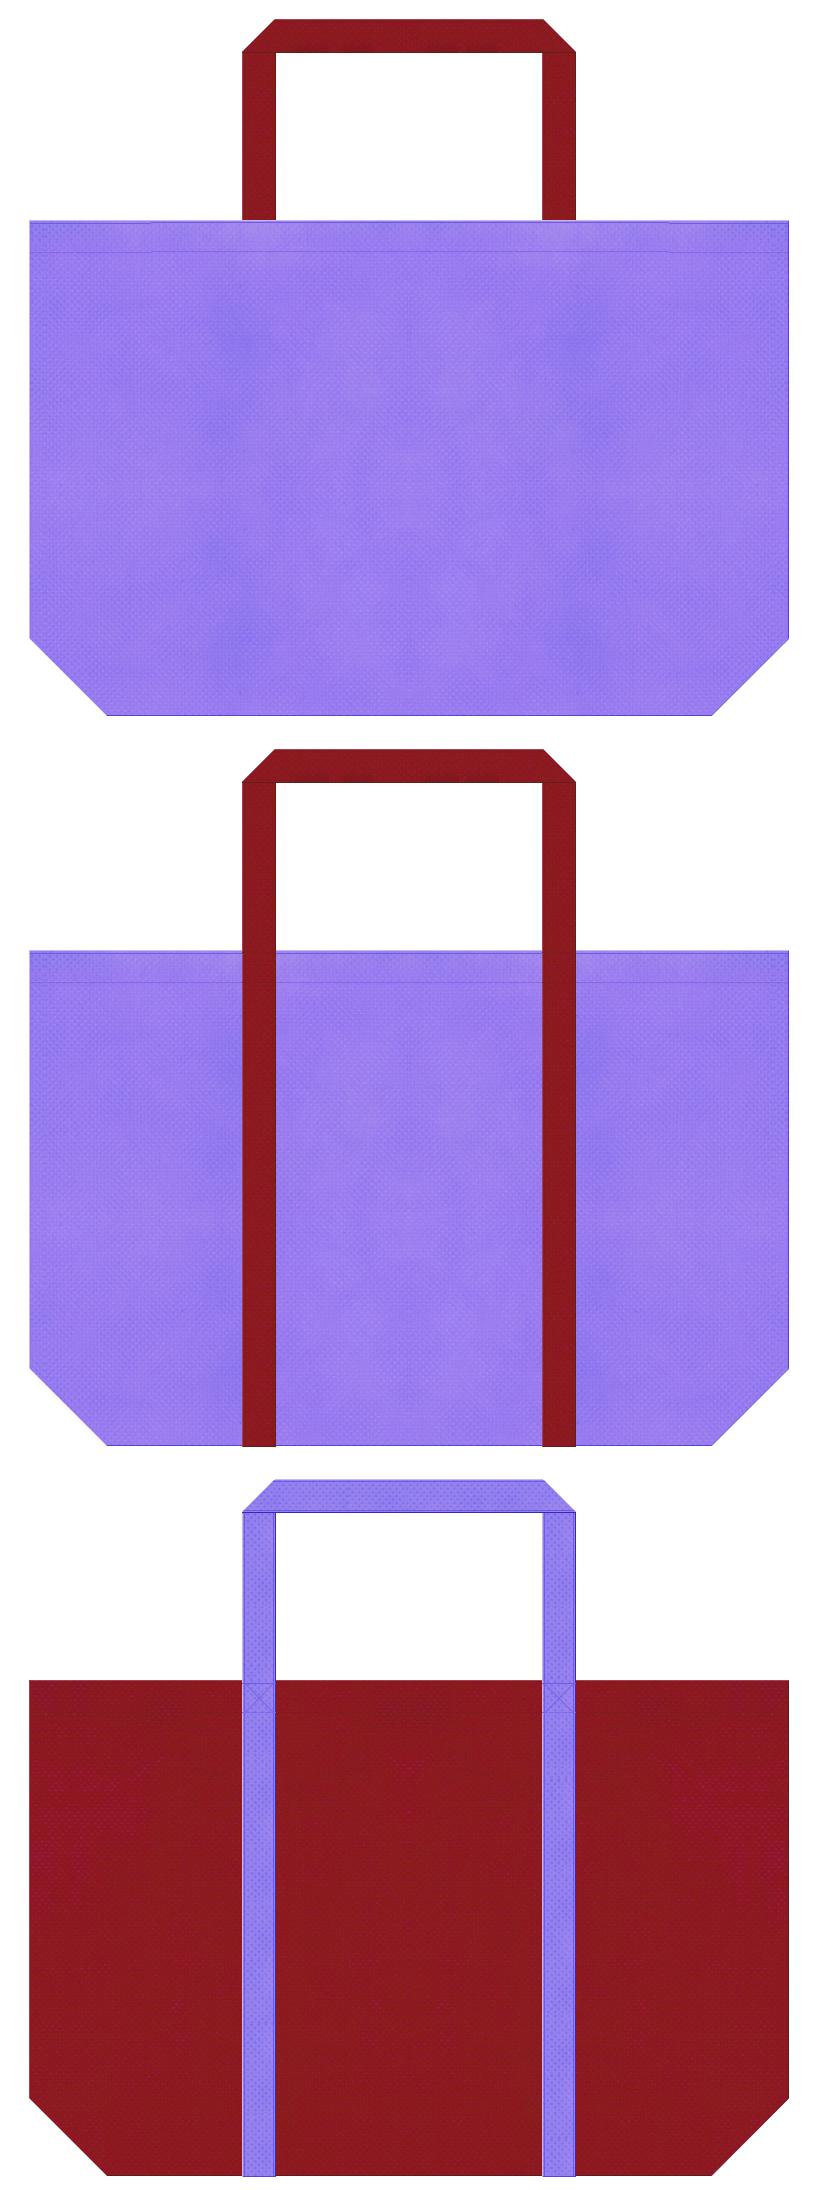 不織布ショッピングバッグ:薄紫色とエンジ色のデザイン